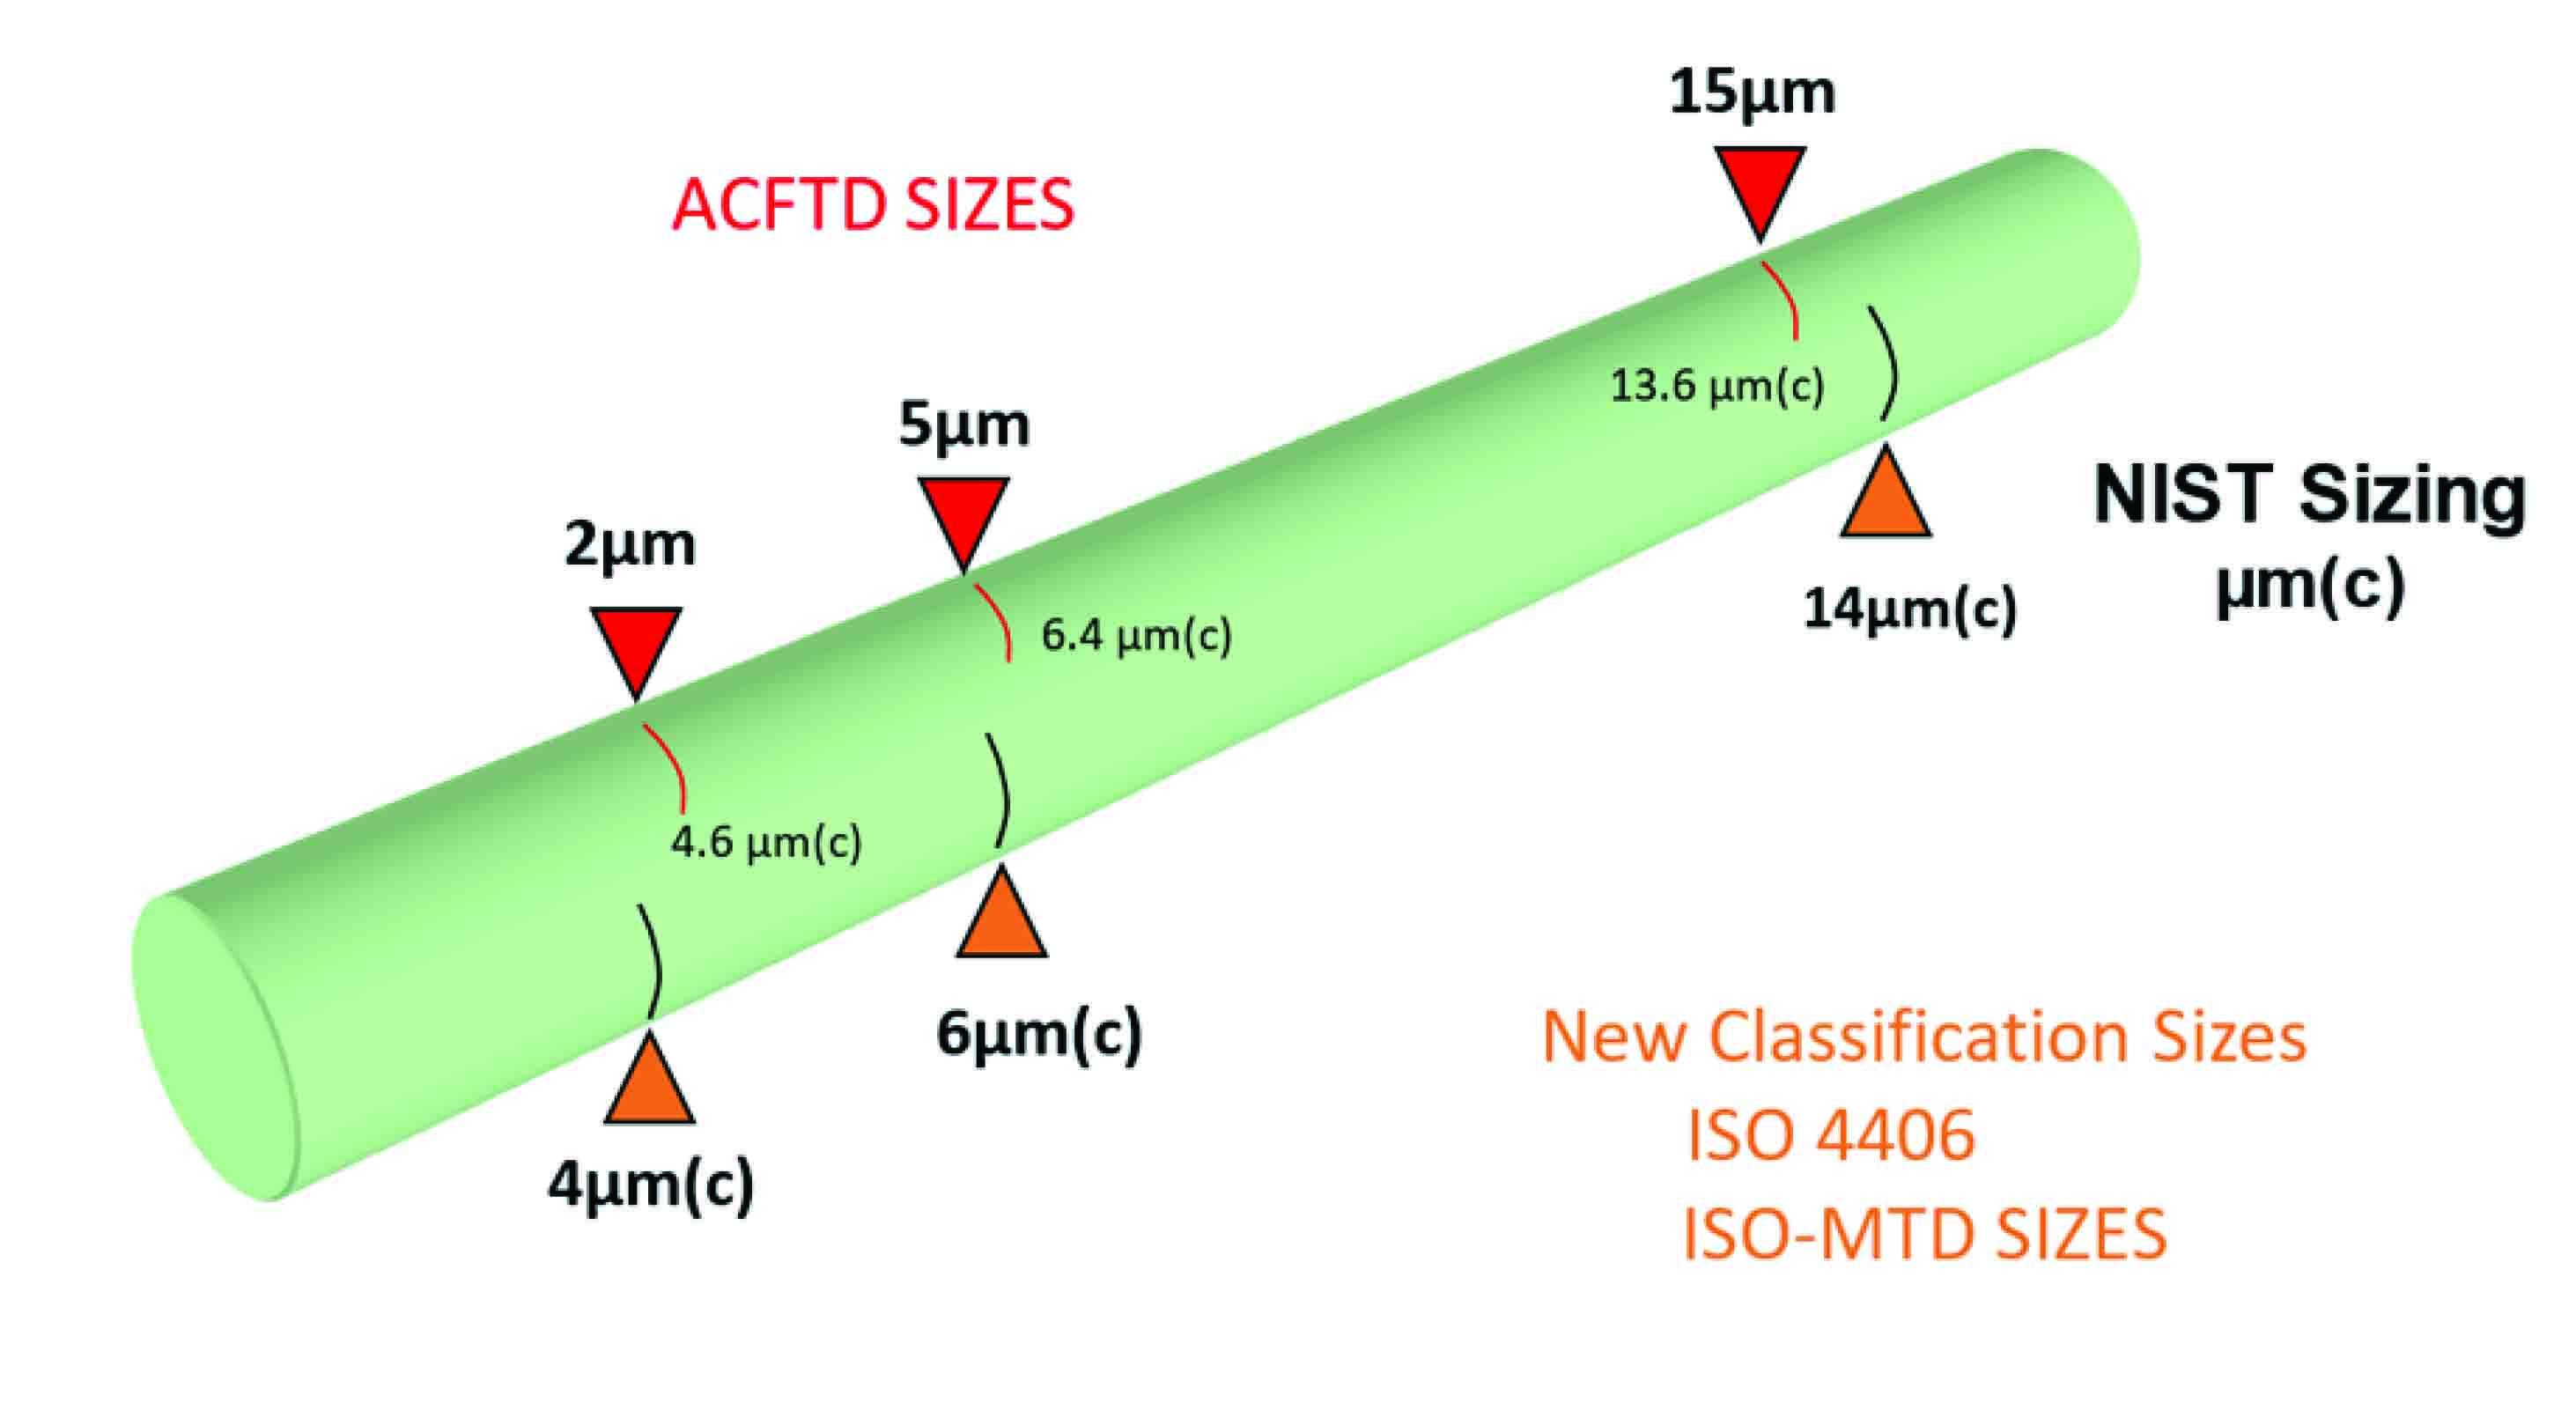 ACFTD Sizes - New Classification Sizes ISO 4406  ISO-MTD SIZES